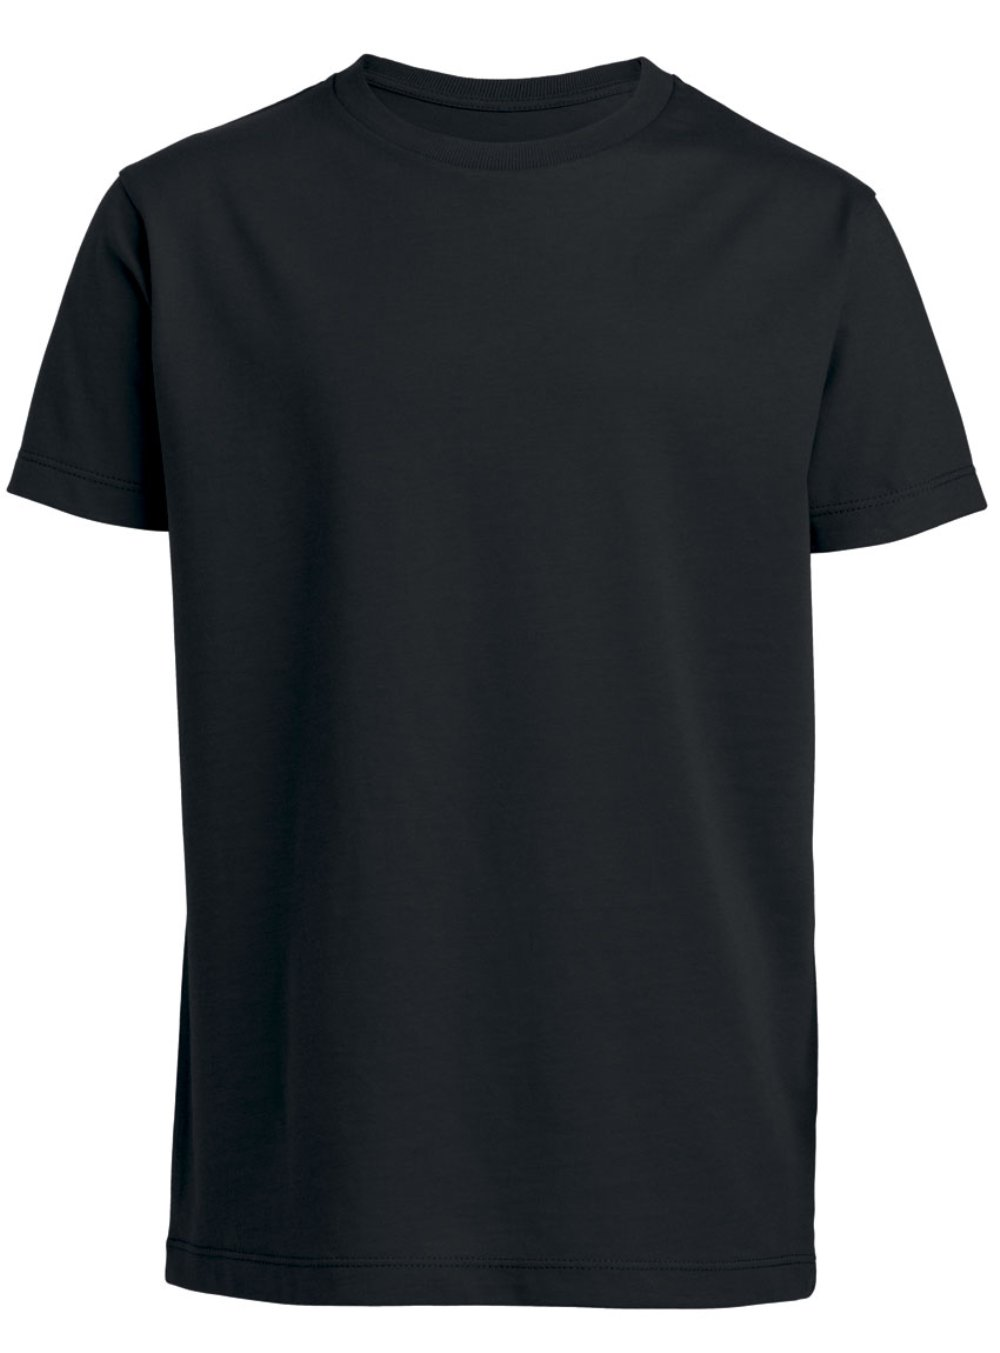 Shirts - EU Availability